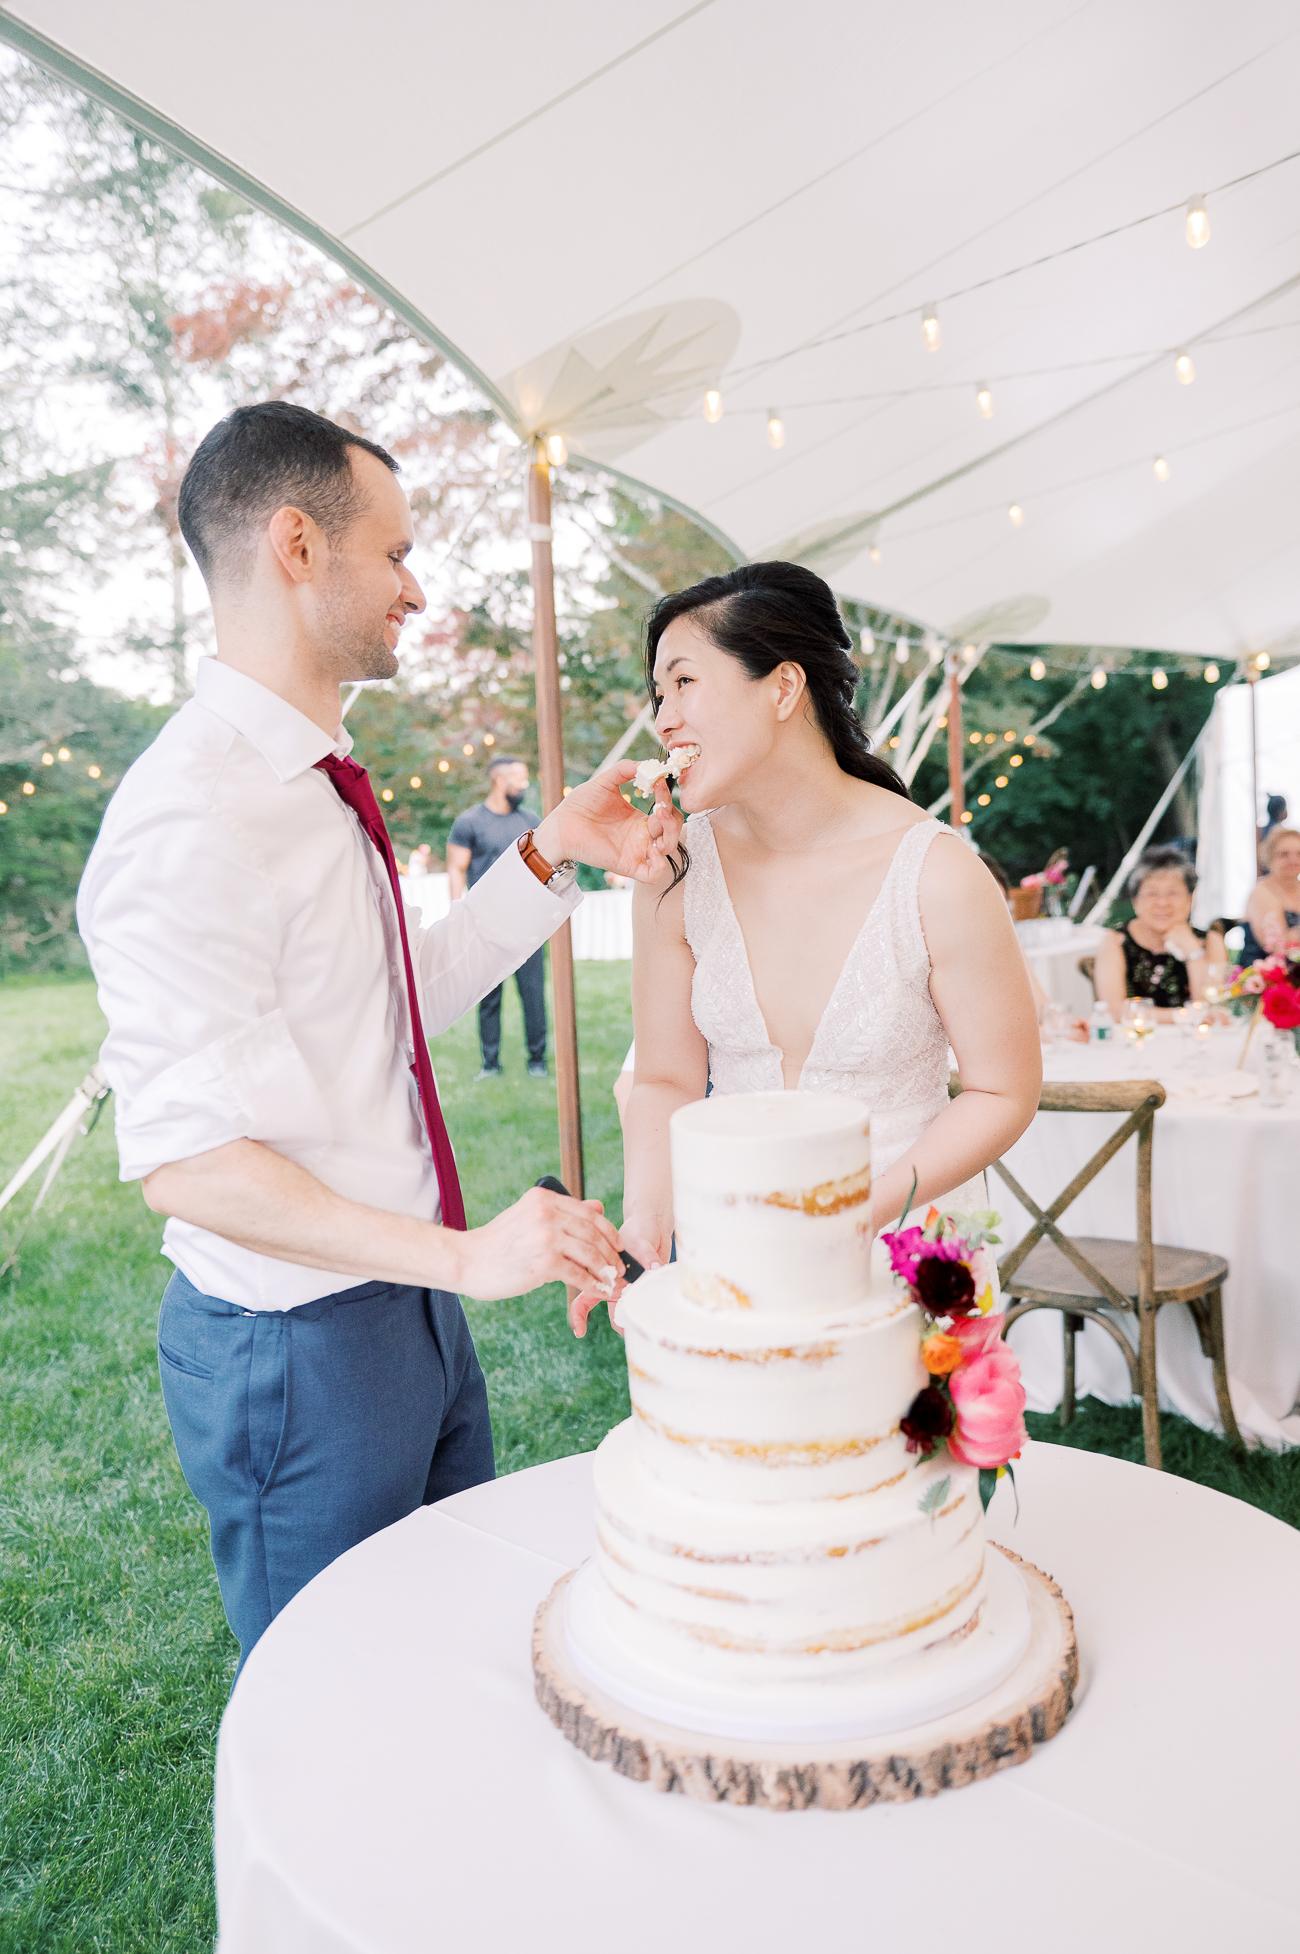 Sarah and Justin's cake cutting